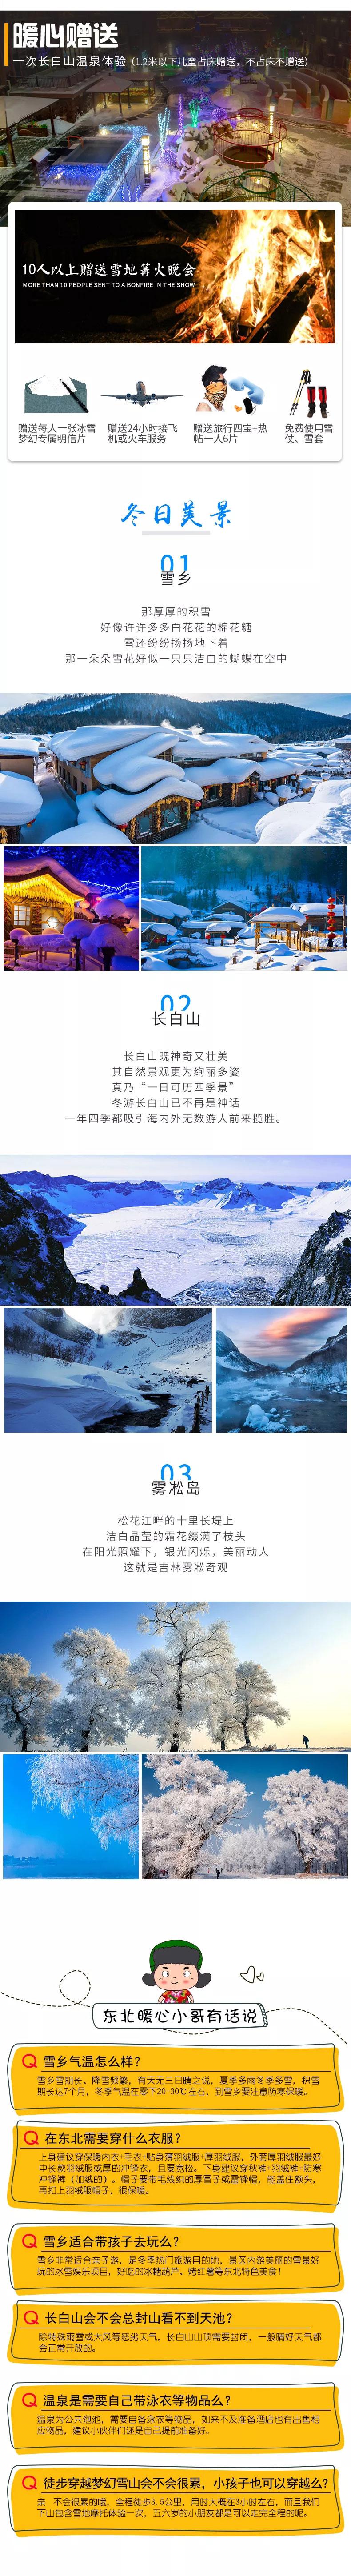 营地点评网-哈尔滨7天6晚亲子游 (4)